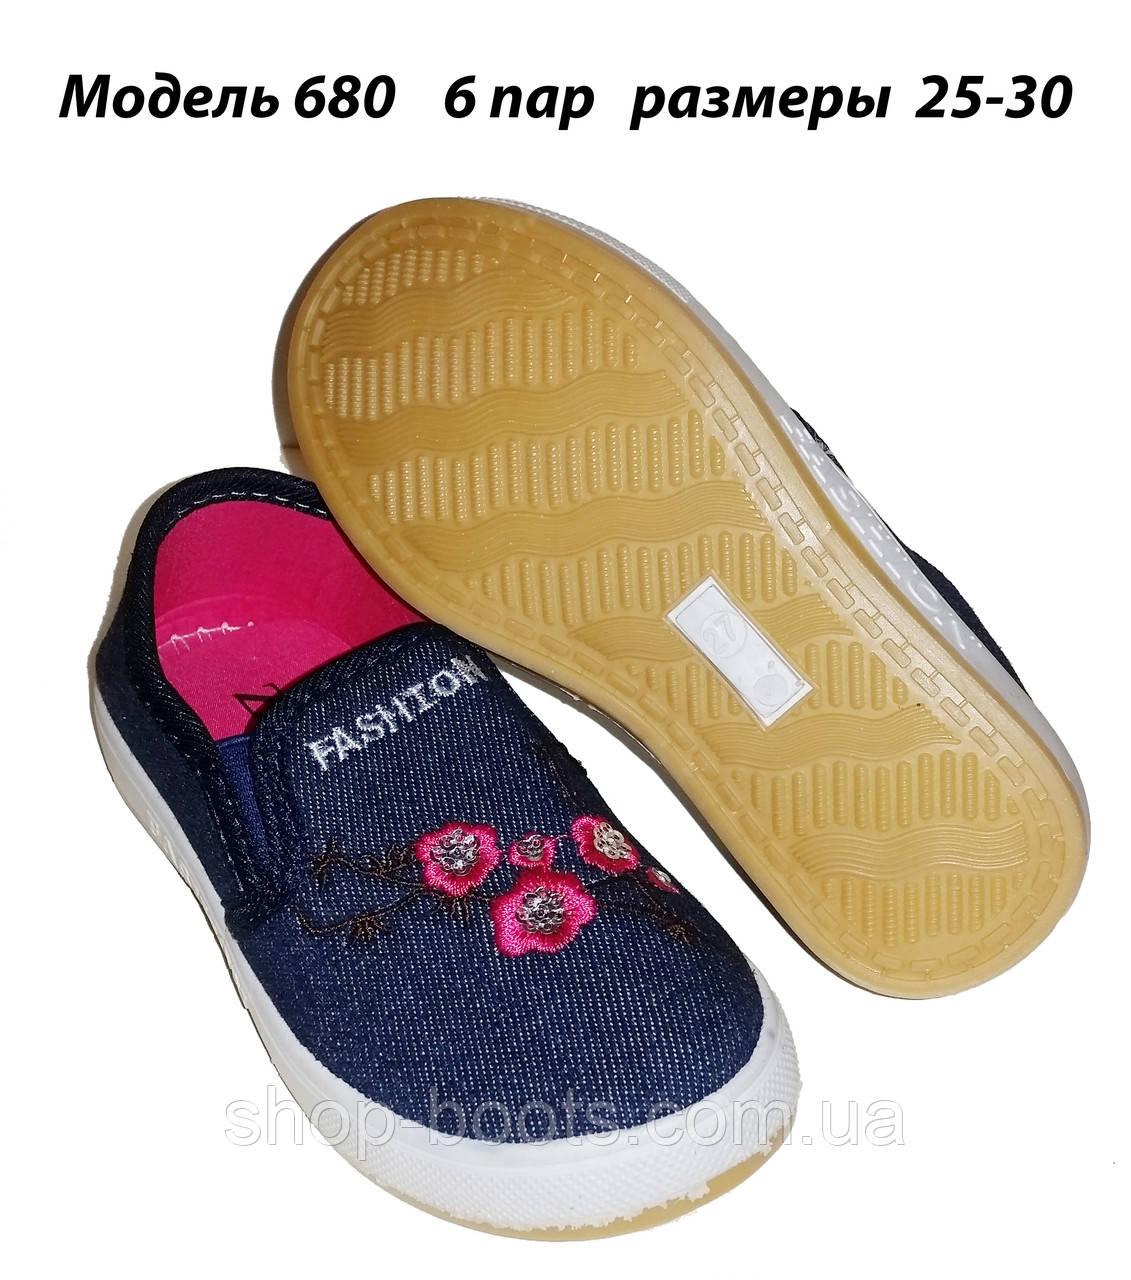 Детские мокасины оптом 25-30рр. Модель мокасин 680